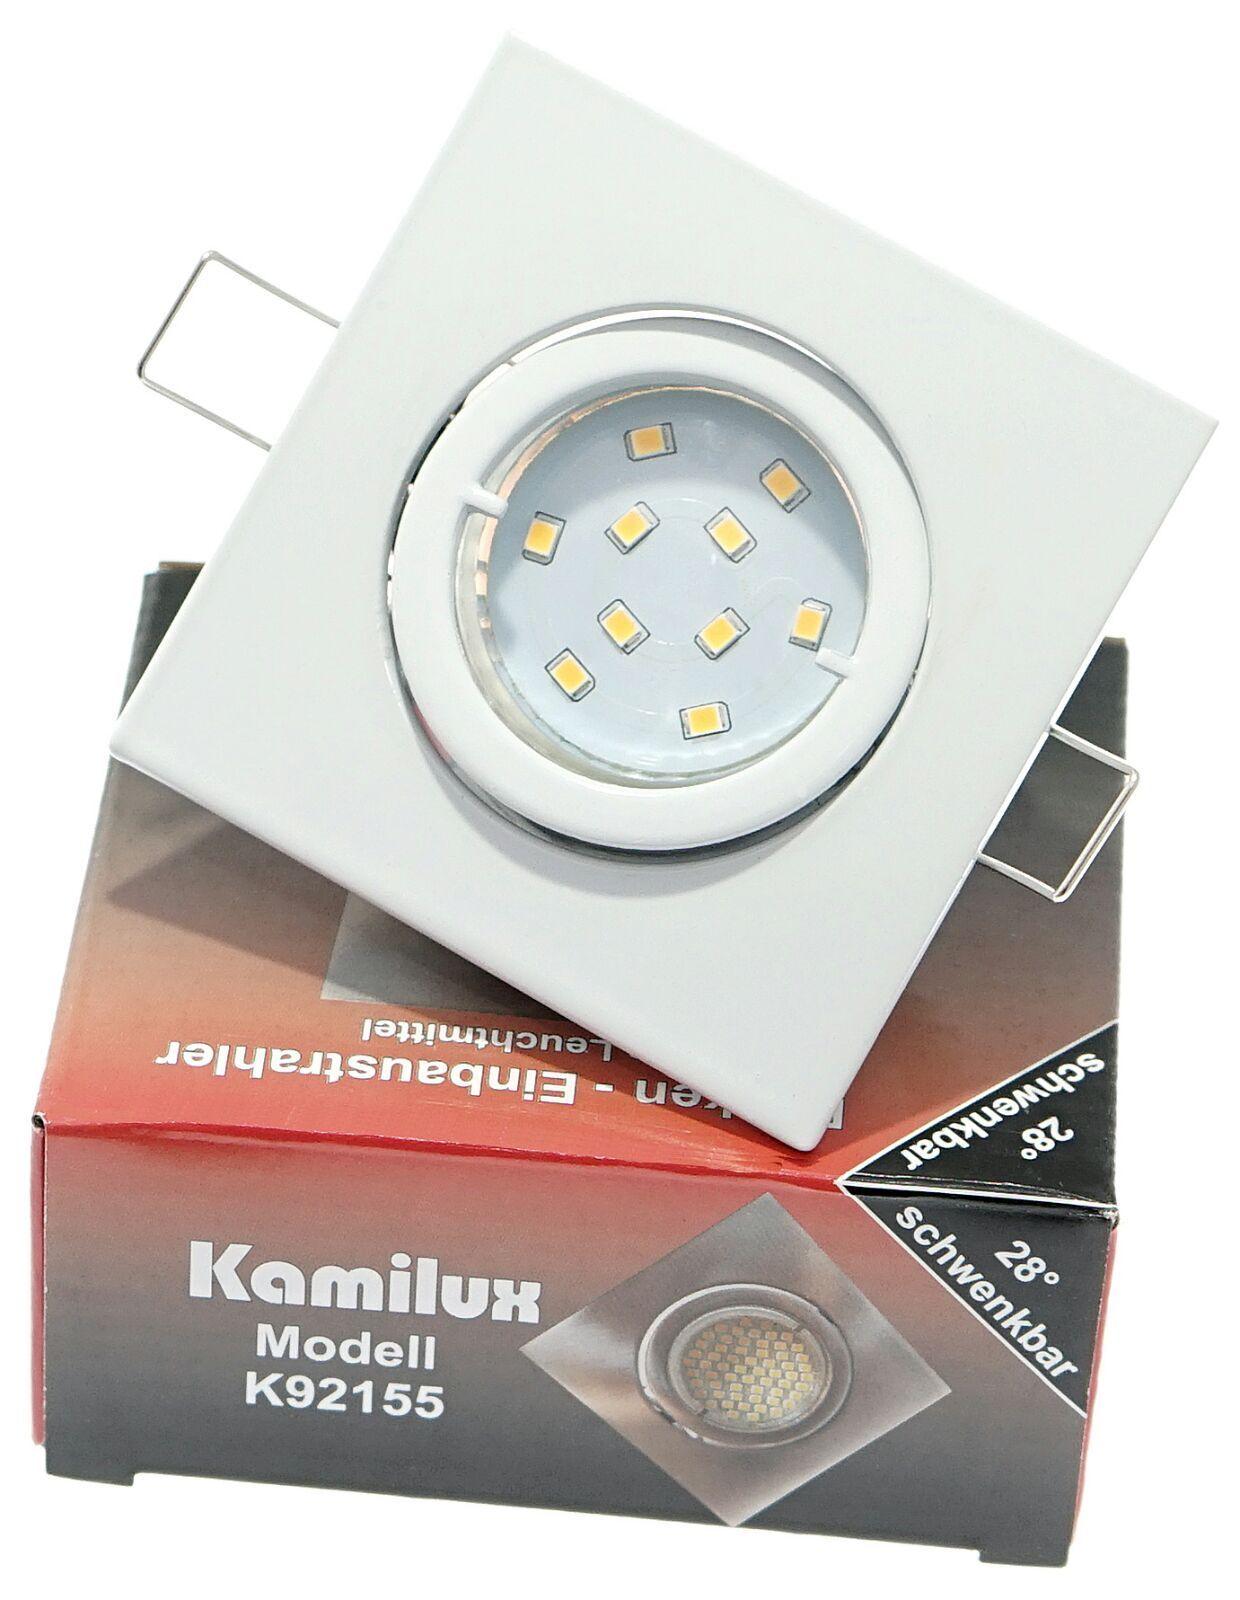 Einbaulampe Louis Weiss GU10 10er SMD Power LED 3W  25W 230V   | Bekannt für seine schöne Qualität  | Eleganter Stil  | Neu